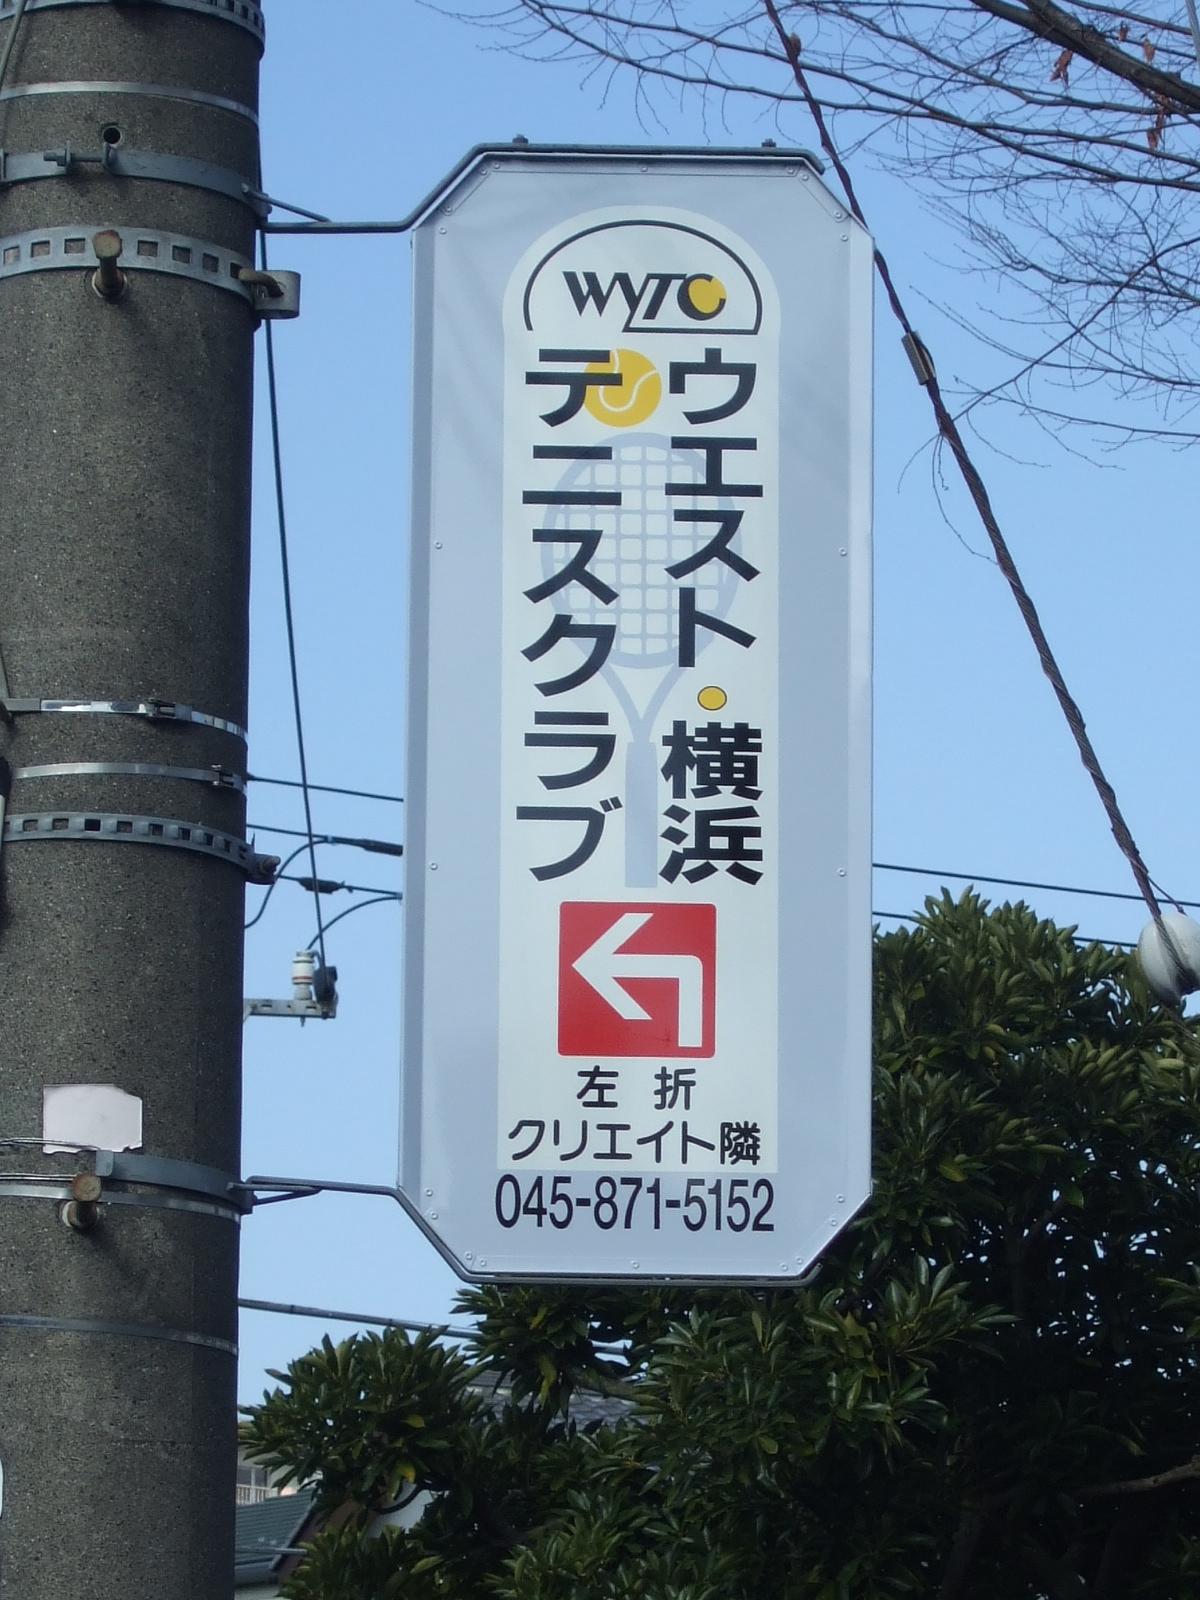 ウエスト横浜テニスクラブ様